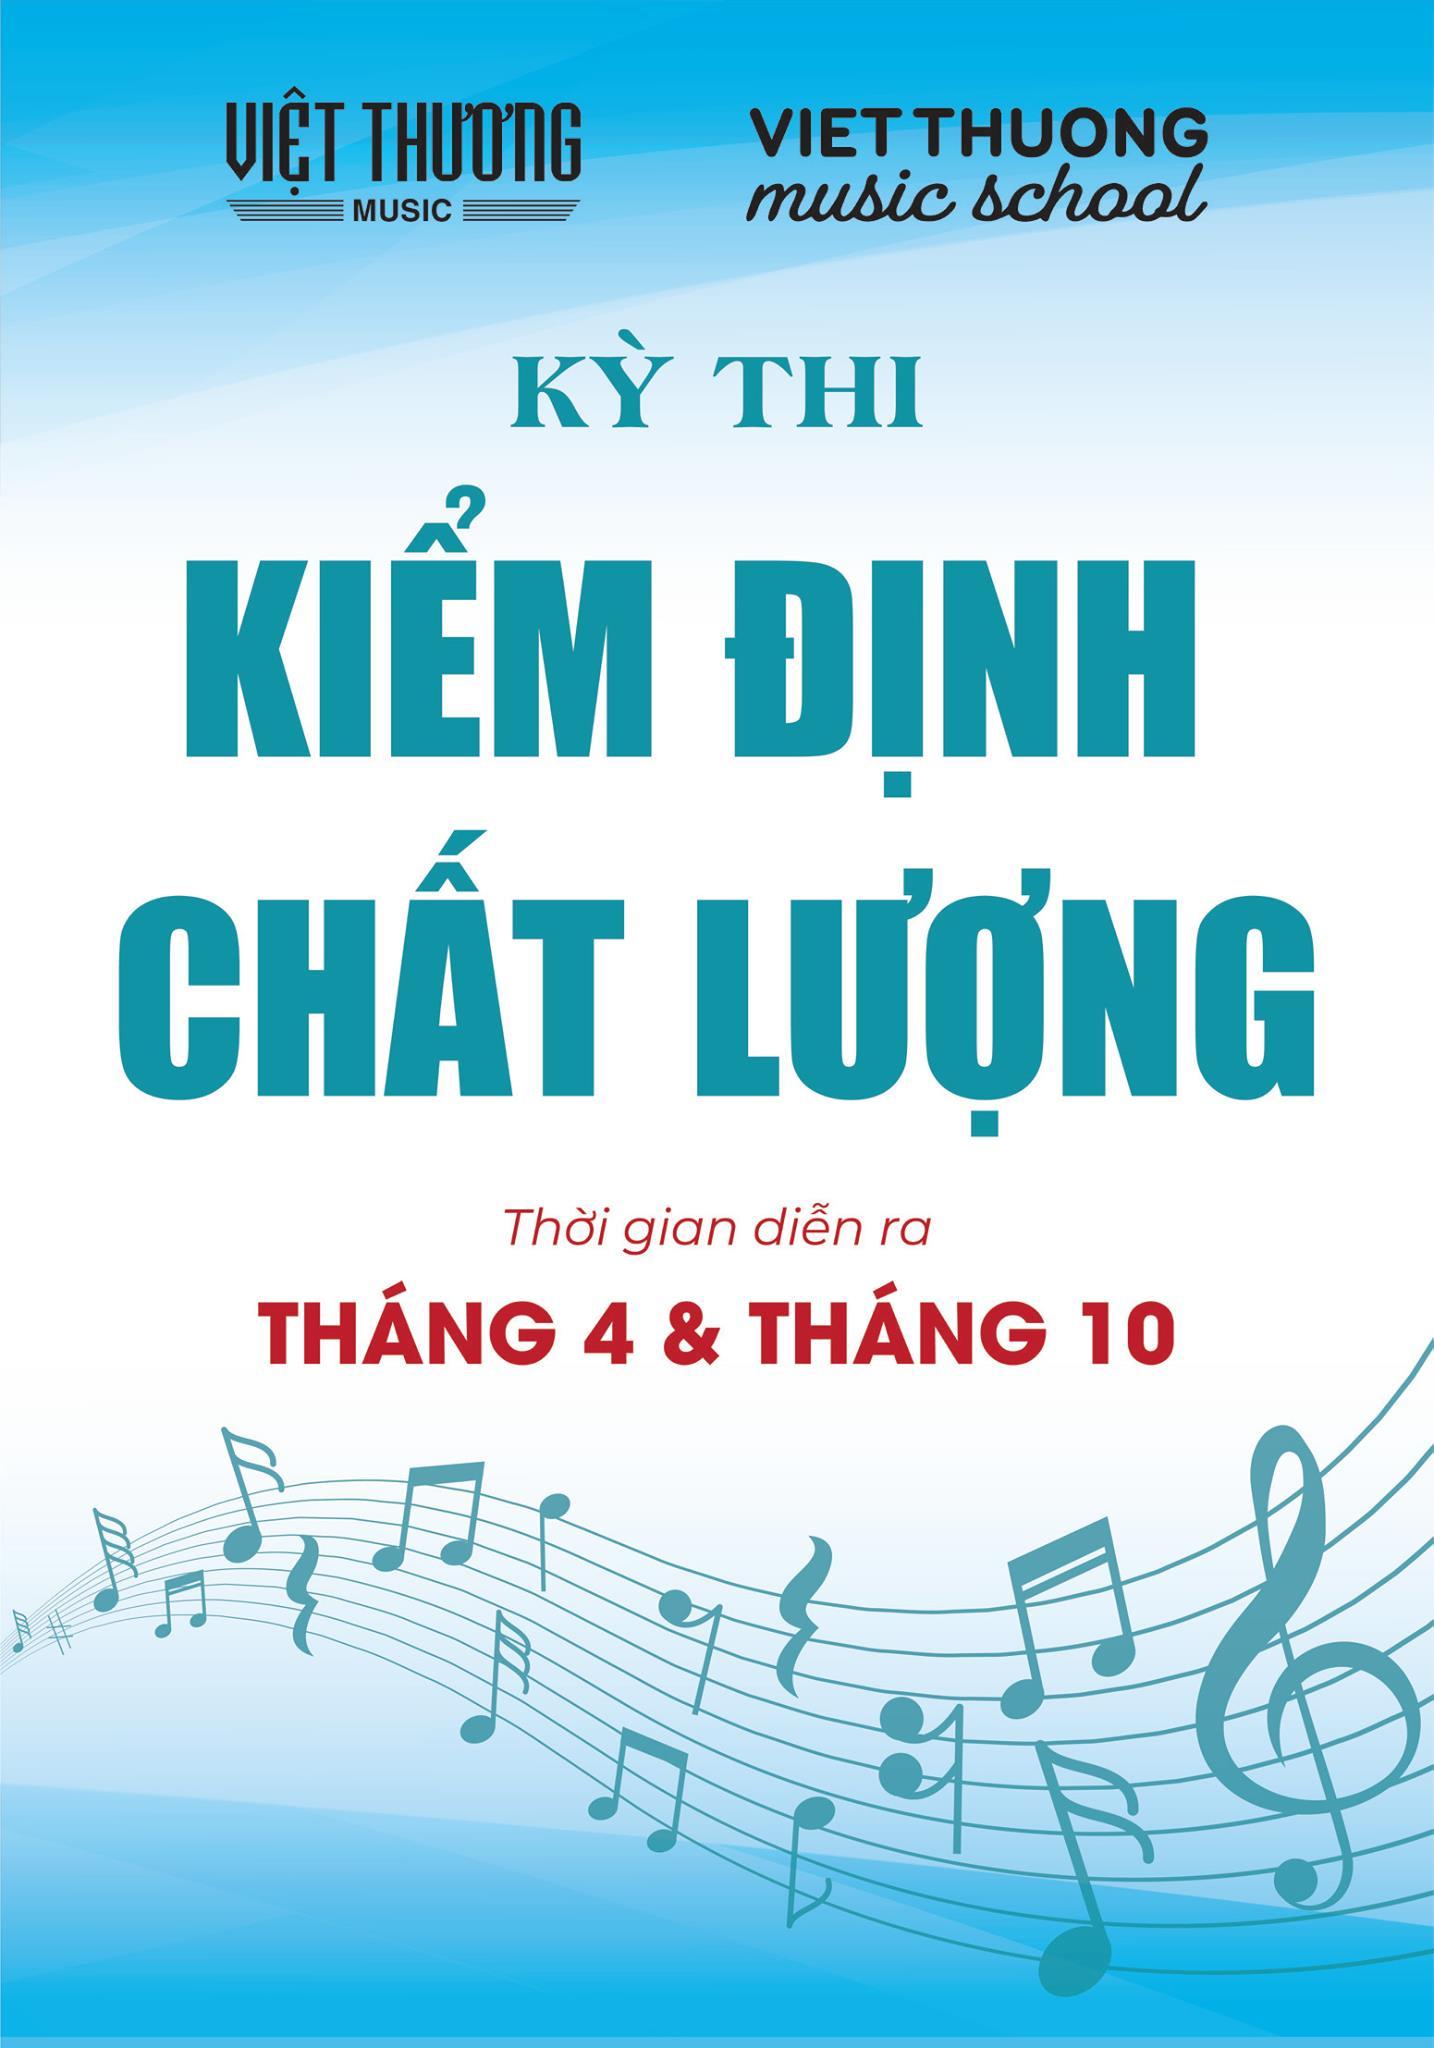 Kỳ thi kiểm định chất lượng T4/2021 tại Việt Thương Music School